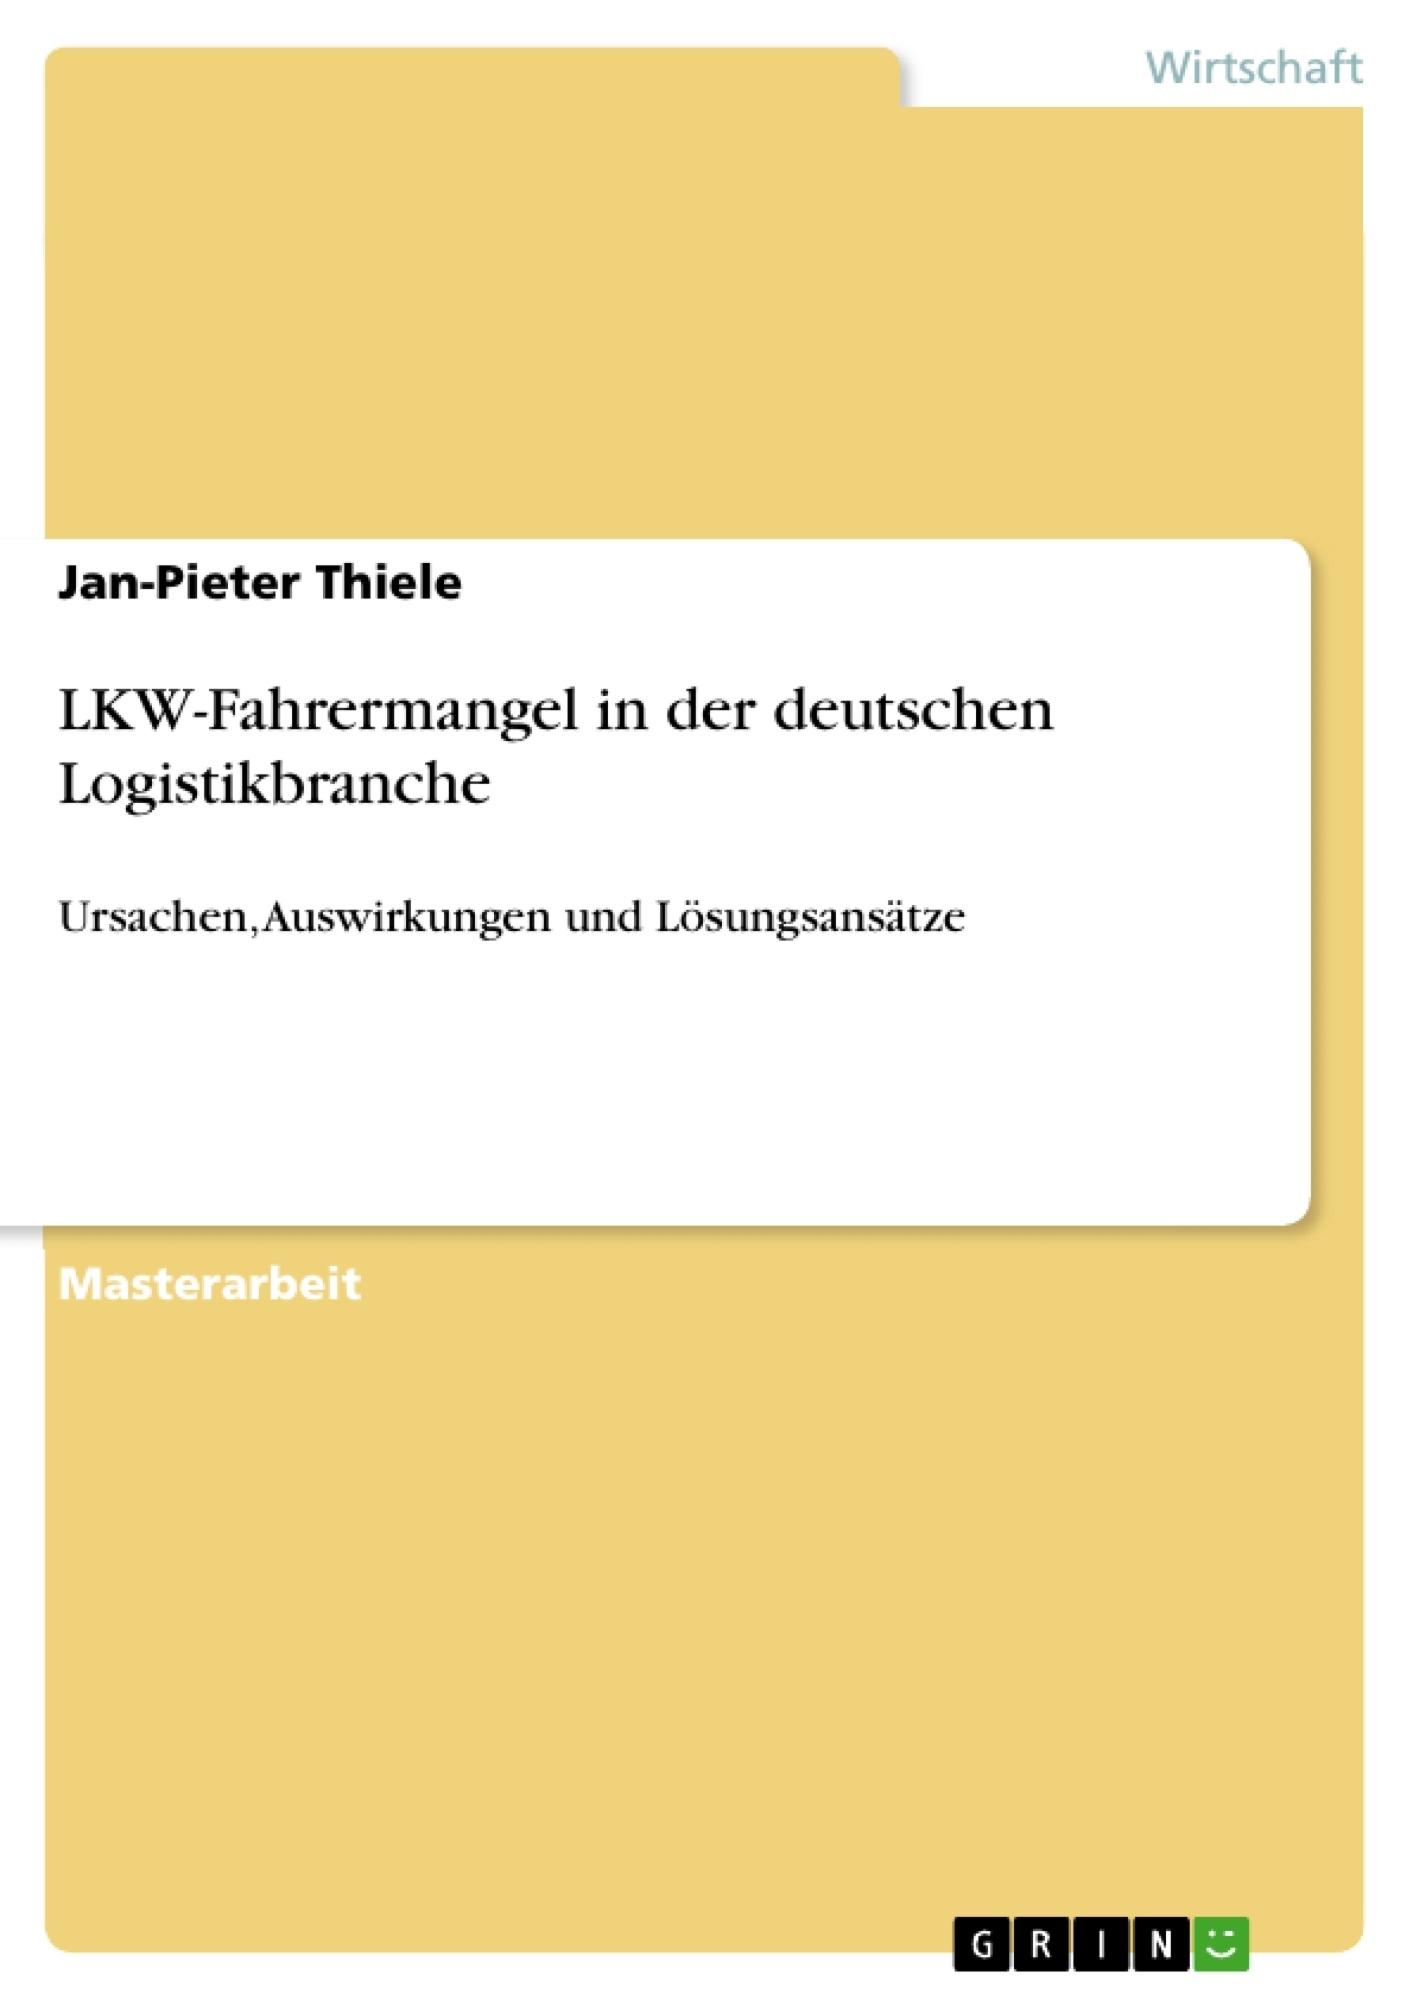 Titel: LKW-Fahrermangel in der deutschen Logistikbranche